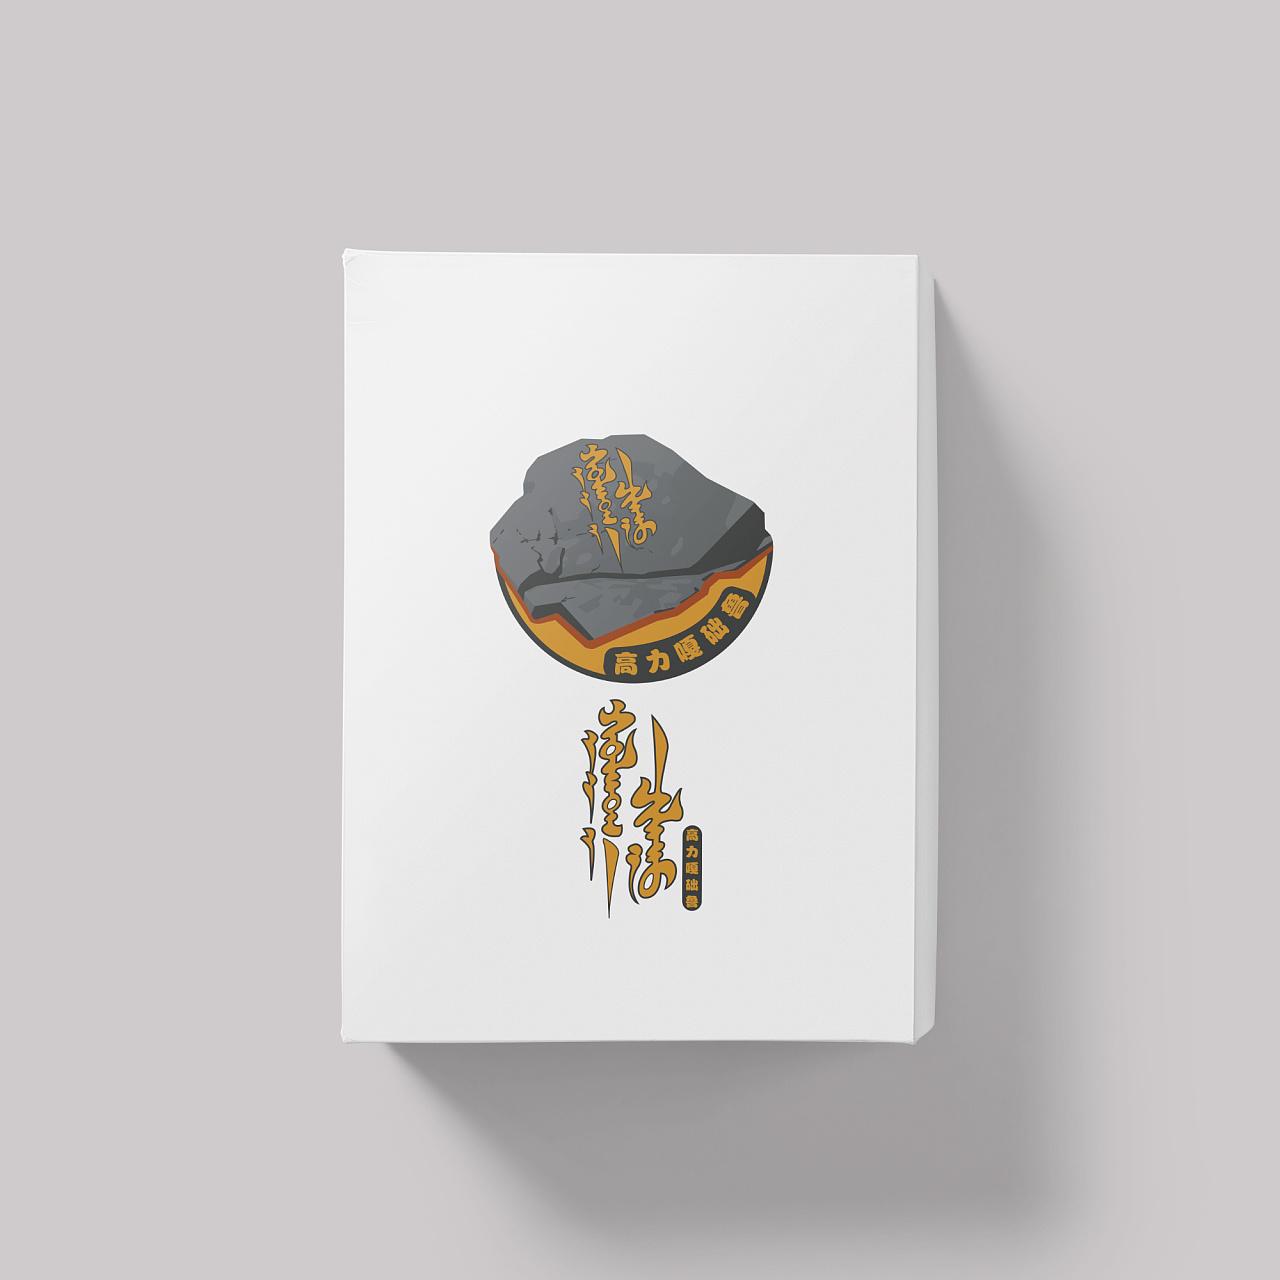 高拉格朝鲁logo(阿斯玛设计) 第2张